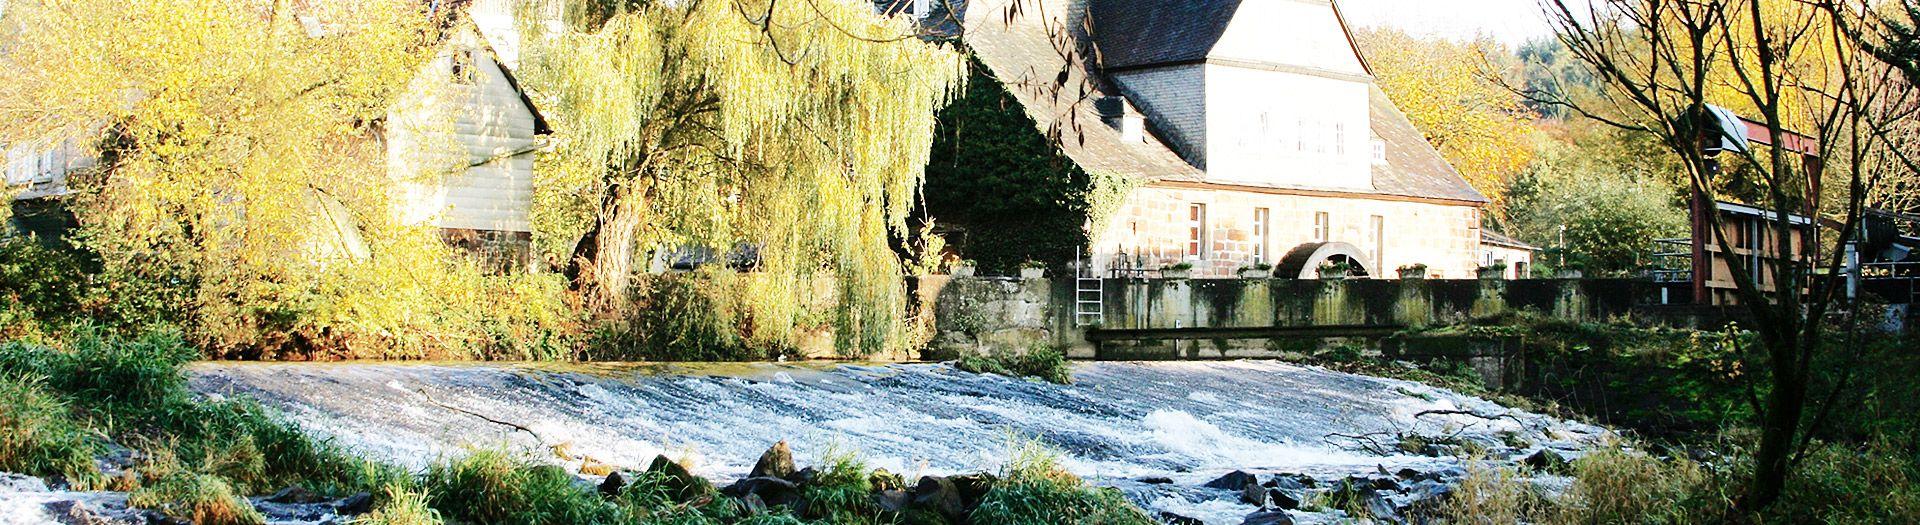 Landschulheim Steinmühle Wasserwerk